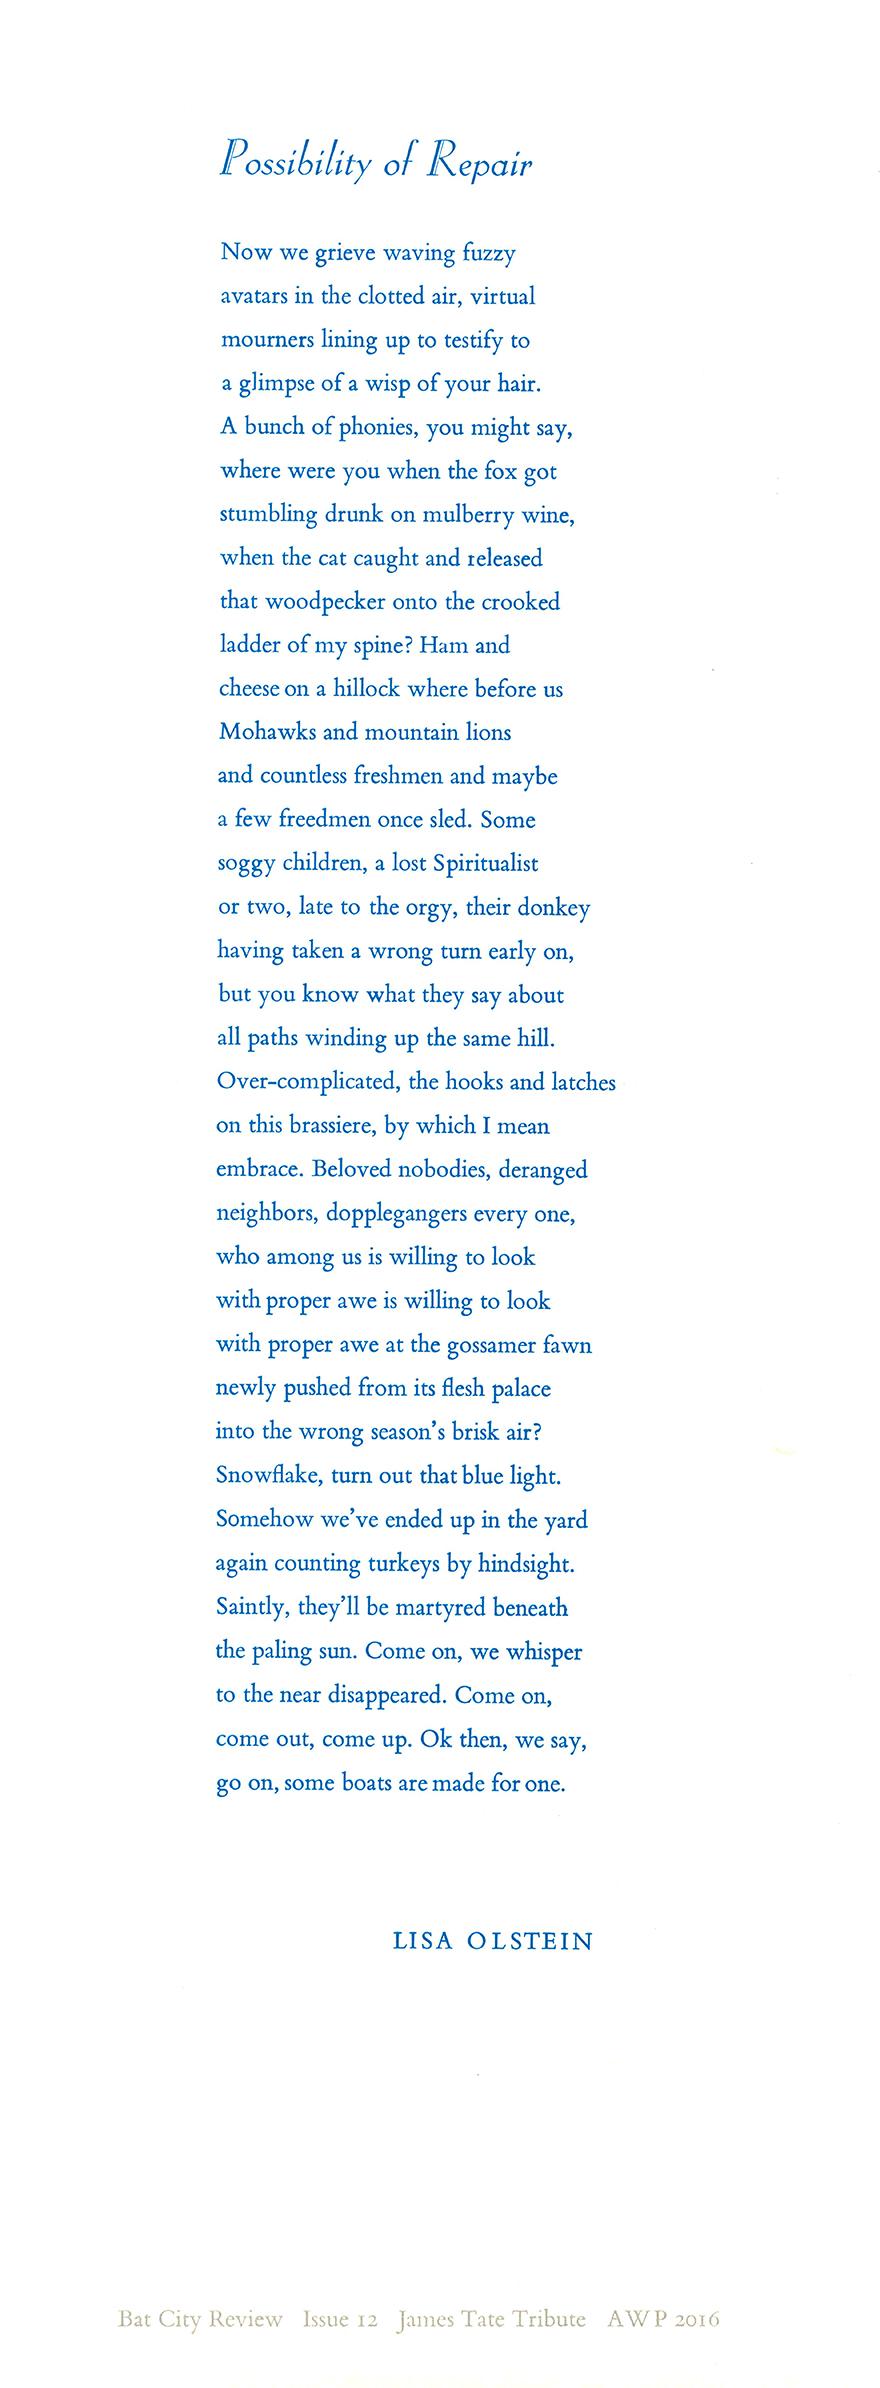 """Broadside of """"Possibility of Repair"""" by Lisa Olstein"""